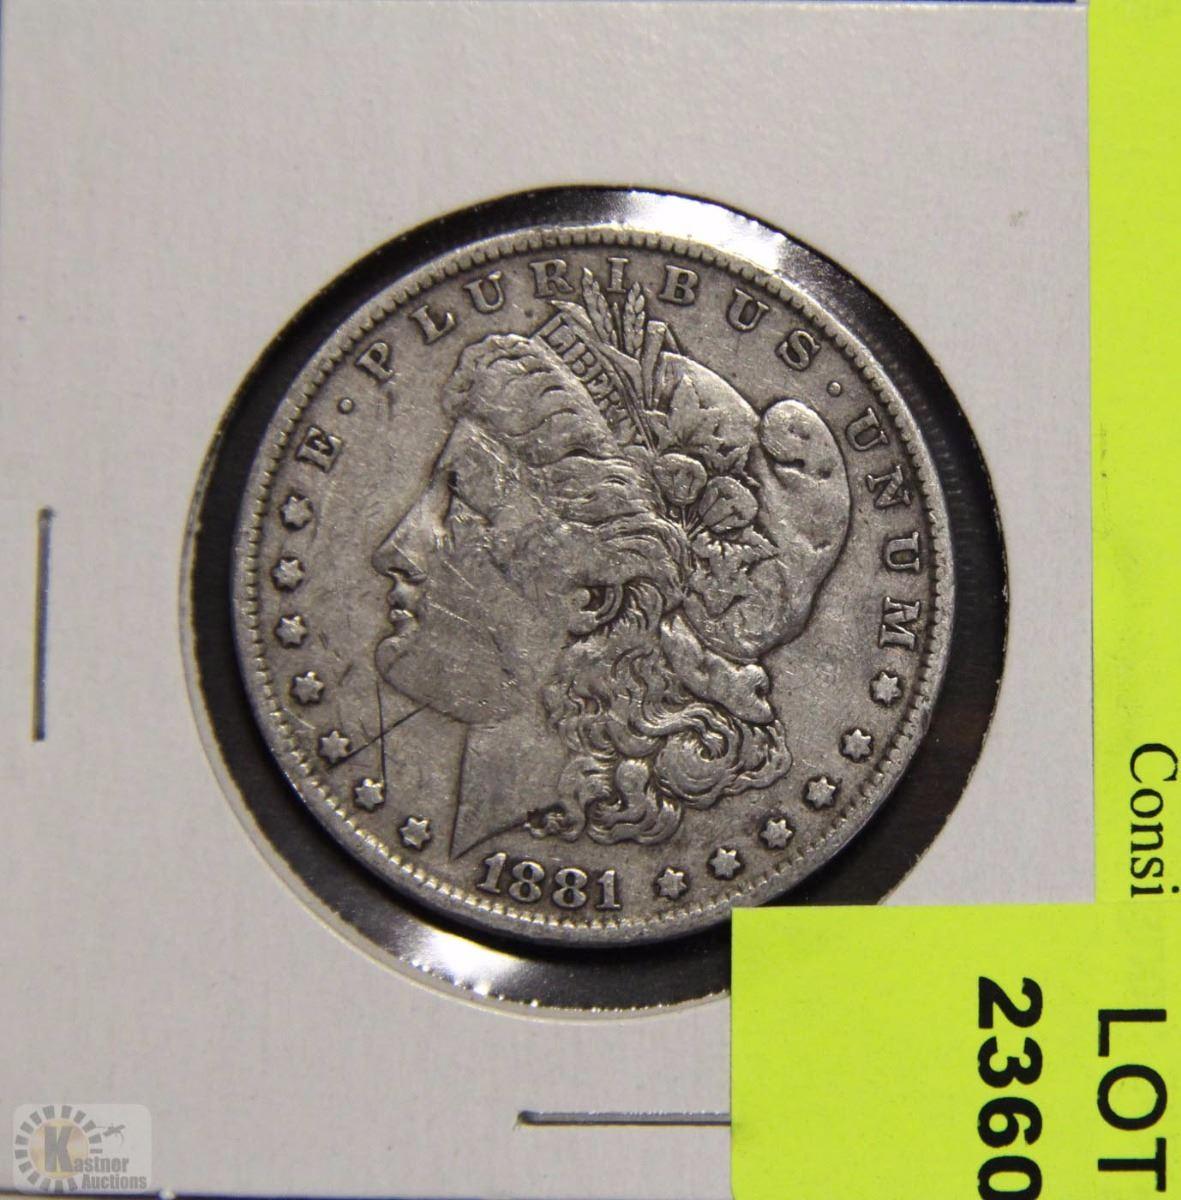 Y) MORGAN SILVER DOLLAR 1881 (NO MINT MARK)